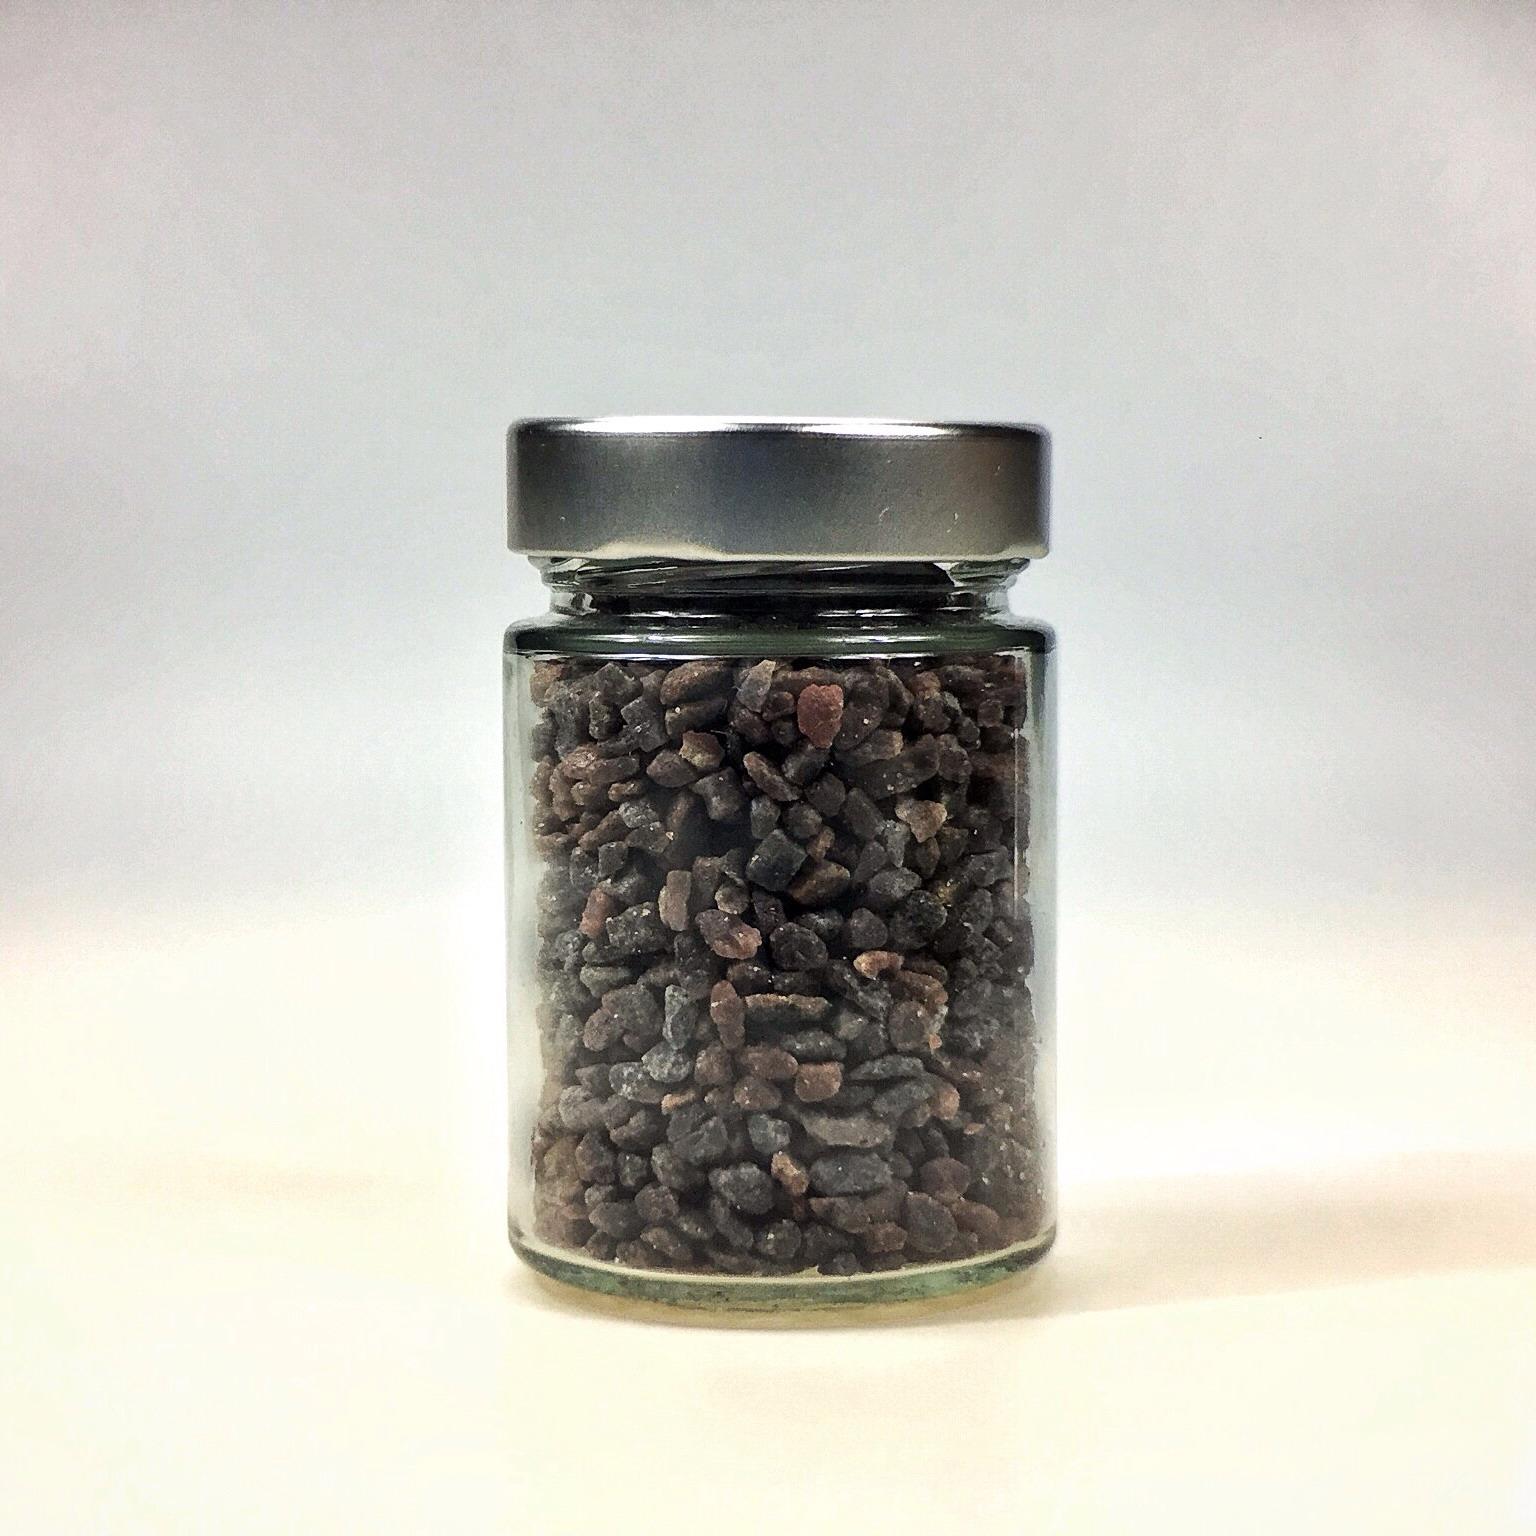 Kala Namak Salz grob gemahlen für Salzmühle im kleinen Glas mit Silberdeckel